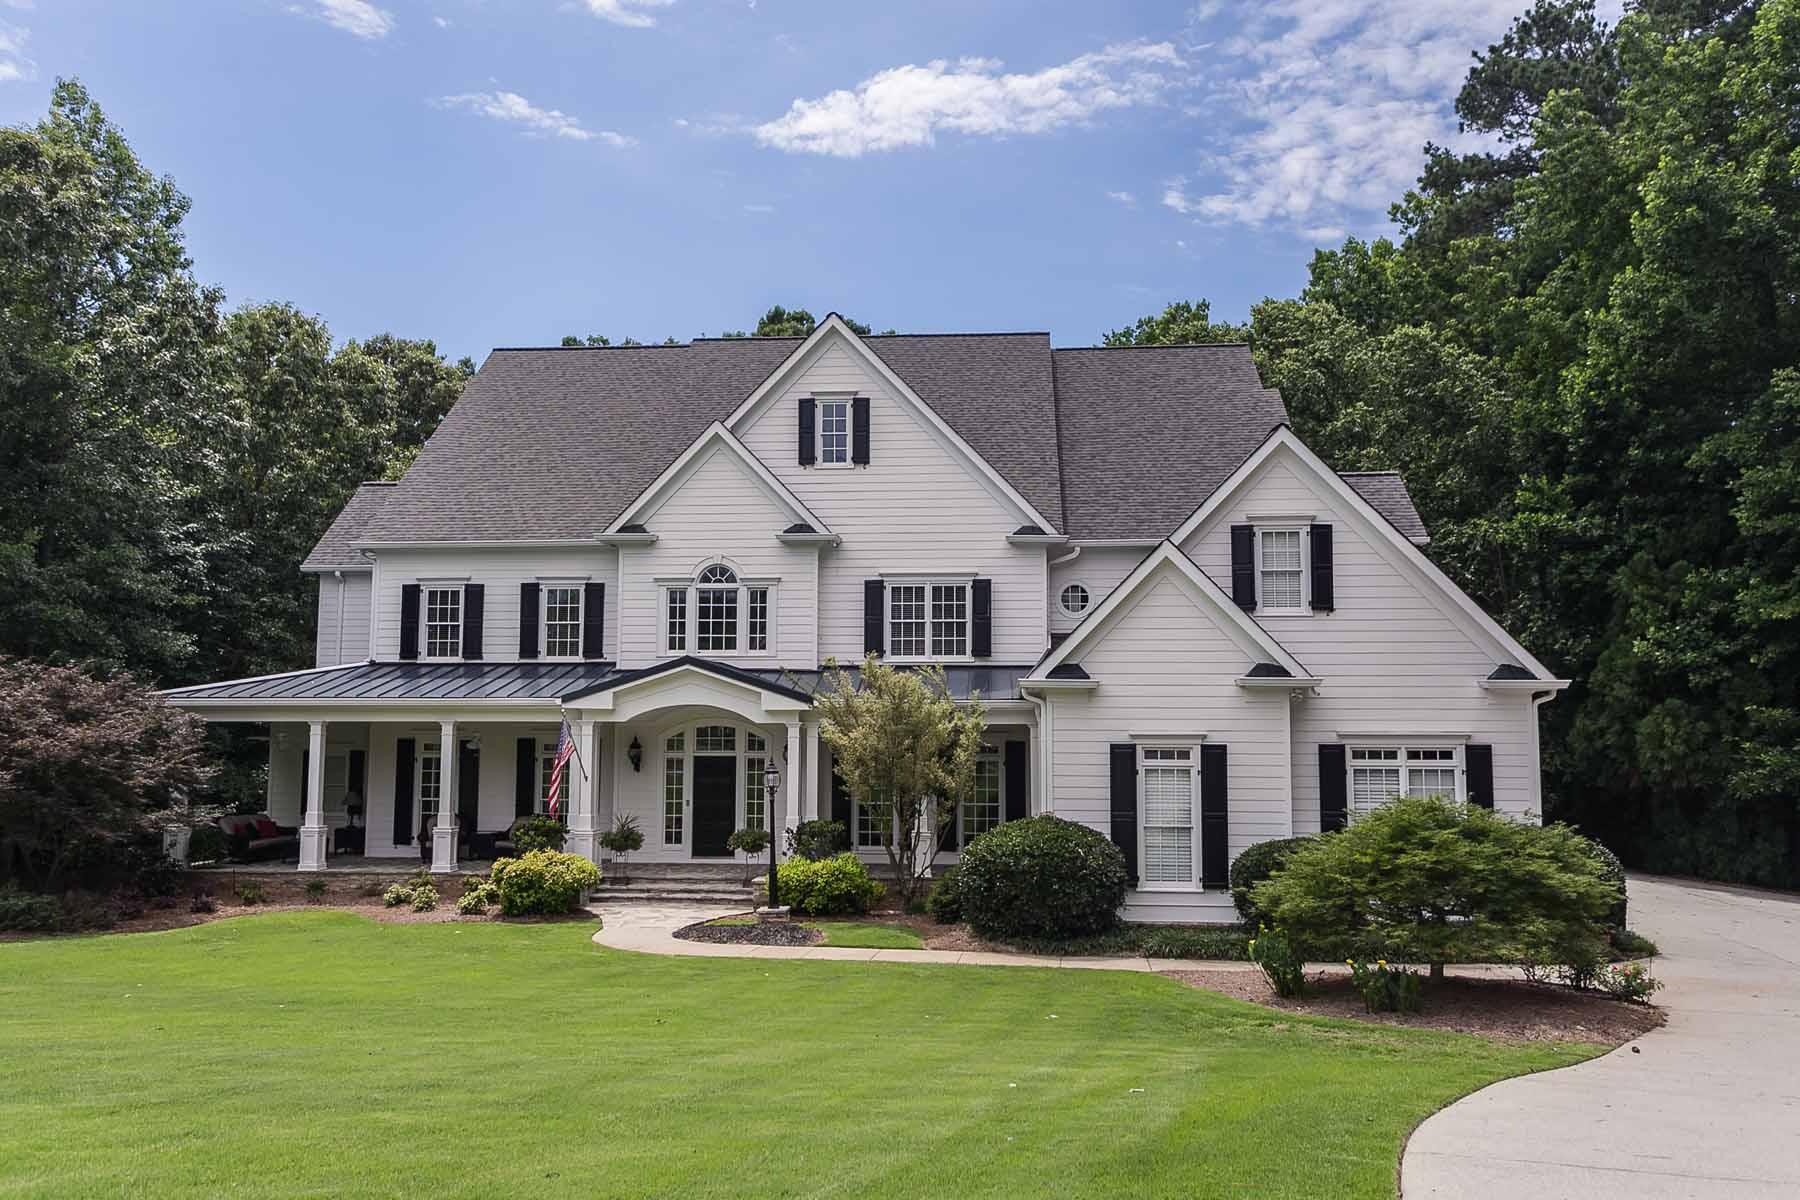 Einfamilienhaus für Verkauf beim Custom Built Estate Farmhouse in Gated Community 310 Lake Bend Court Alpharetta, Georgia, 30004 Vereinigte Staaten